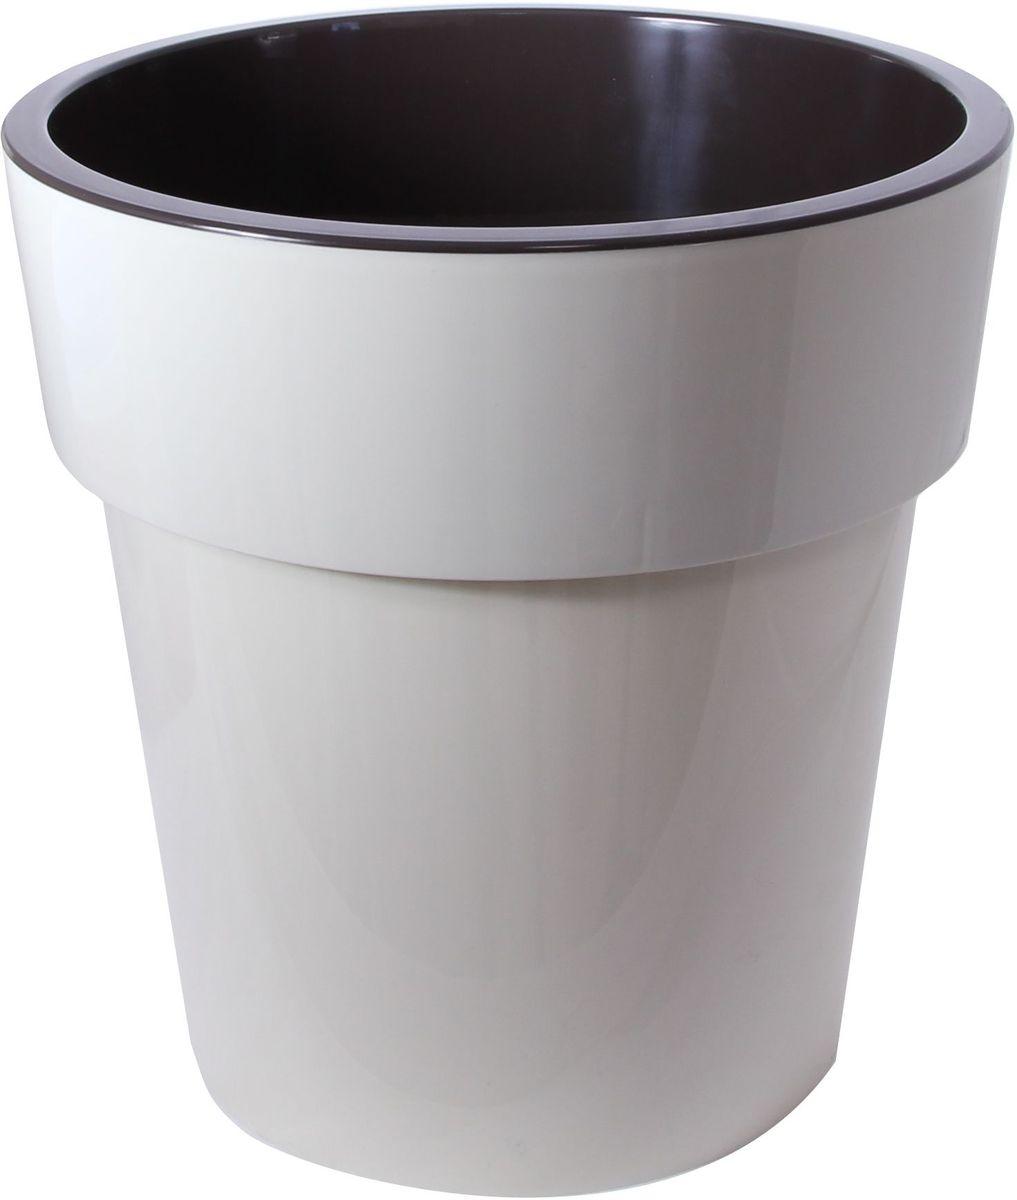 Кашпо Idea Тубус, цвет: светло-бежевый, темно-коричневый, диаметр 25 х 25 х 25,5 см531-402Кашпо Idea Тубус изготовлено из прочного пластика. Изделие прекрасно подходит для выращивания растений и цветов в домашних условиях. Стильный современный дизайн органично впишется в интерьер помещения.